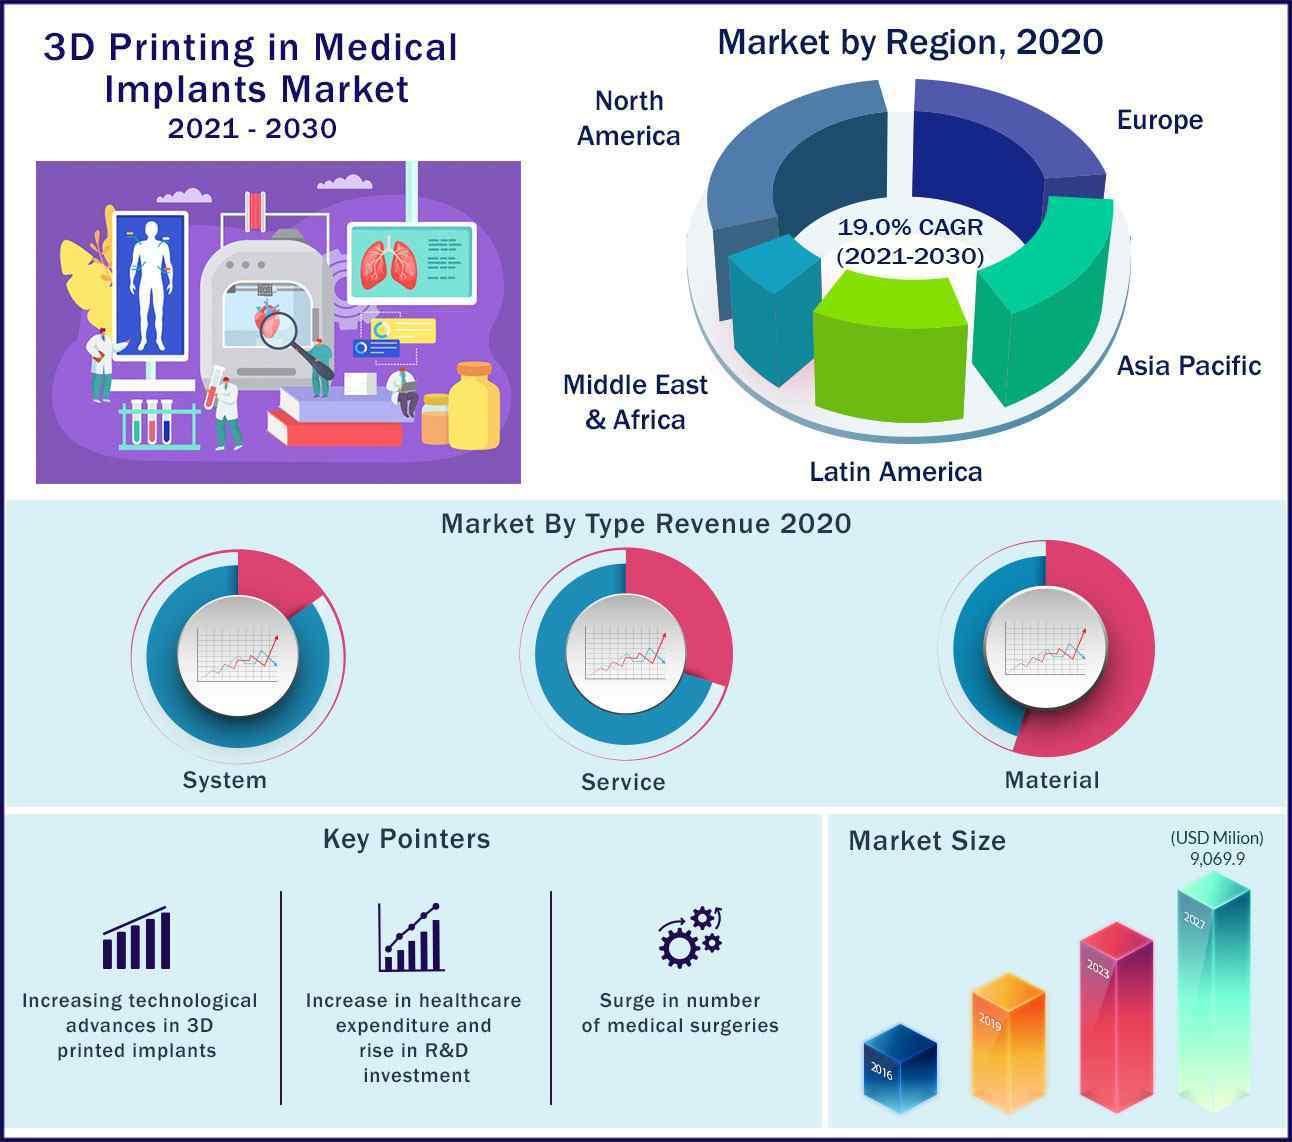 Global 3D Printing Medical Implants Market 2021-2030